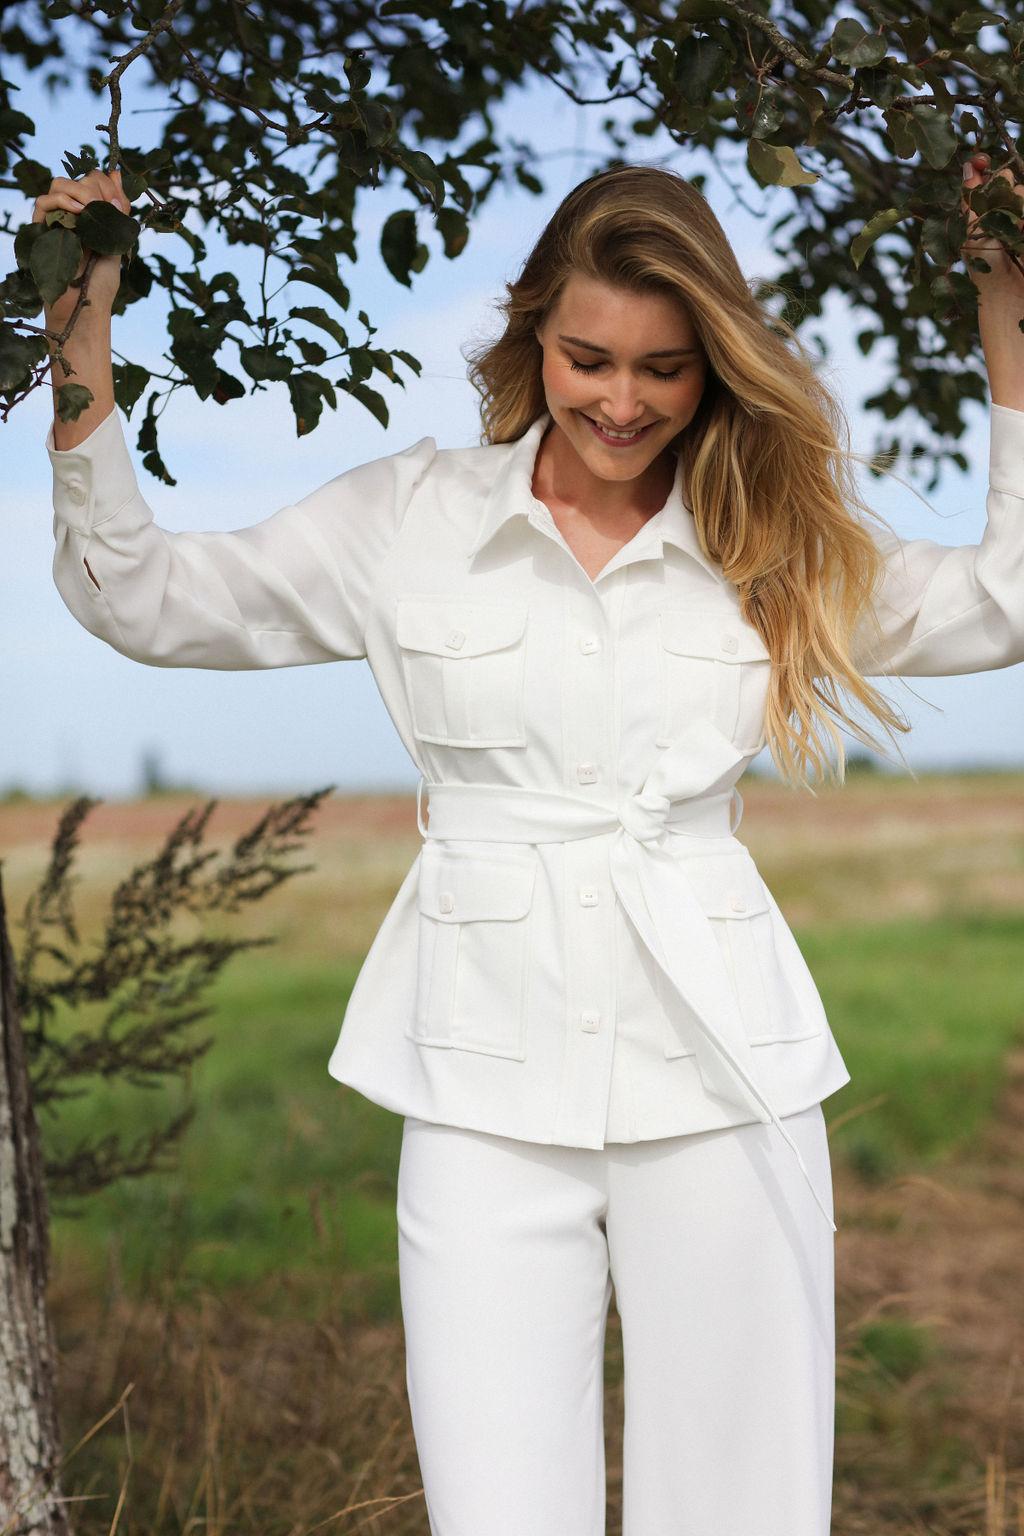 philomene-veste-garden-pantalon-2-marie-laporte-escapade-collection-2022